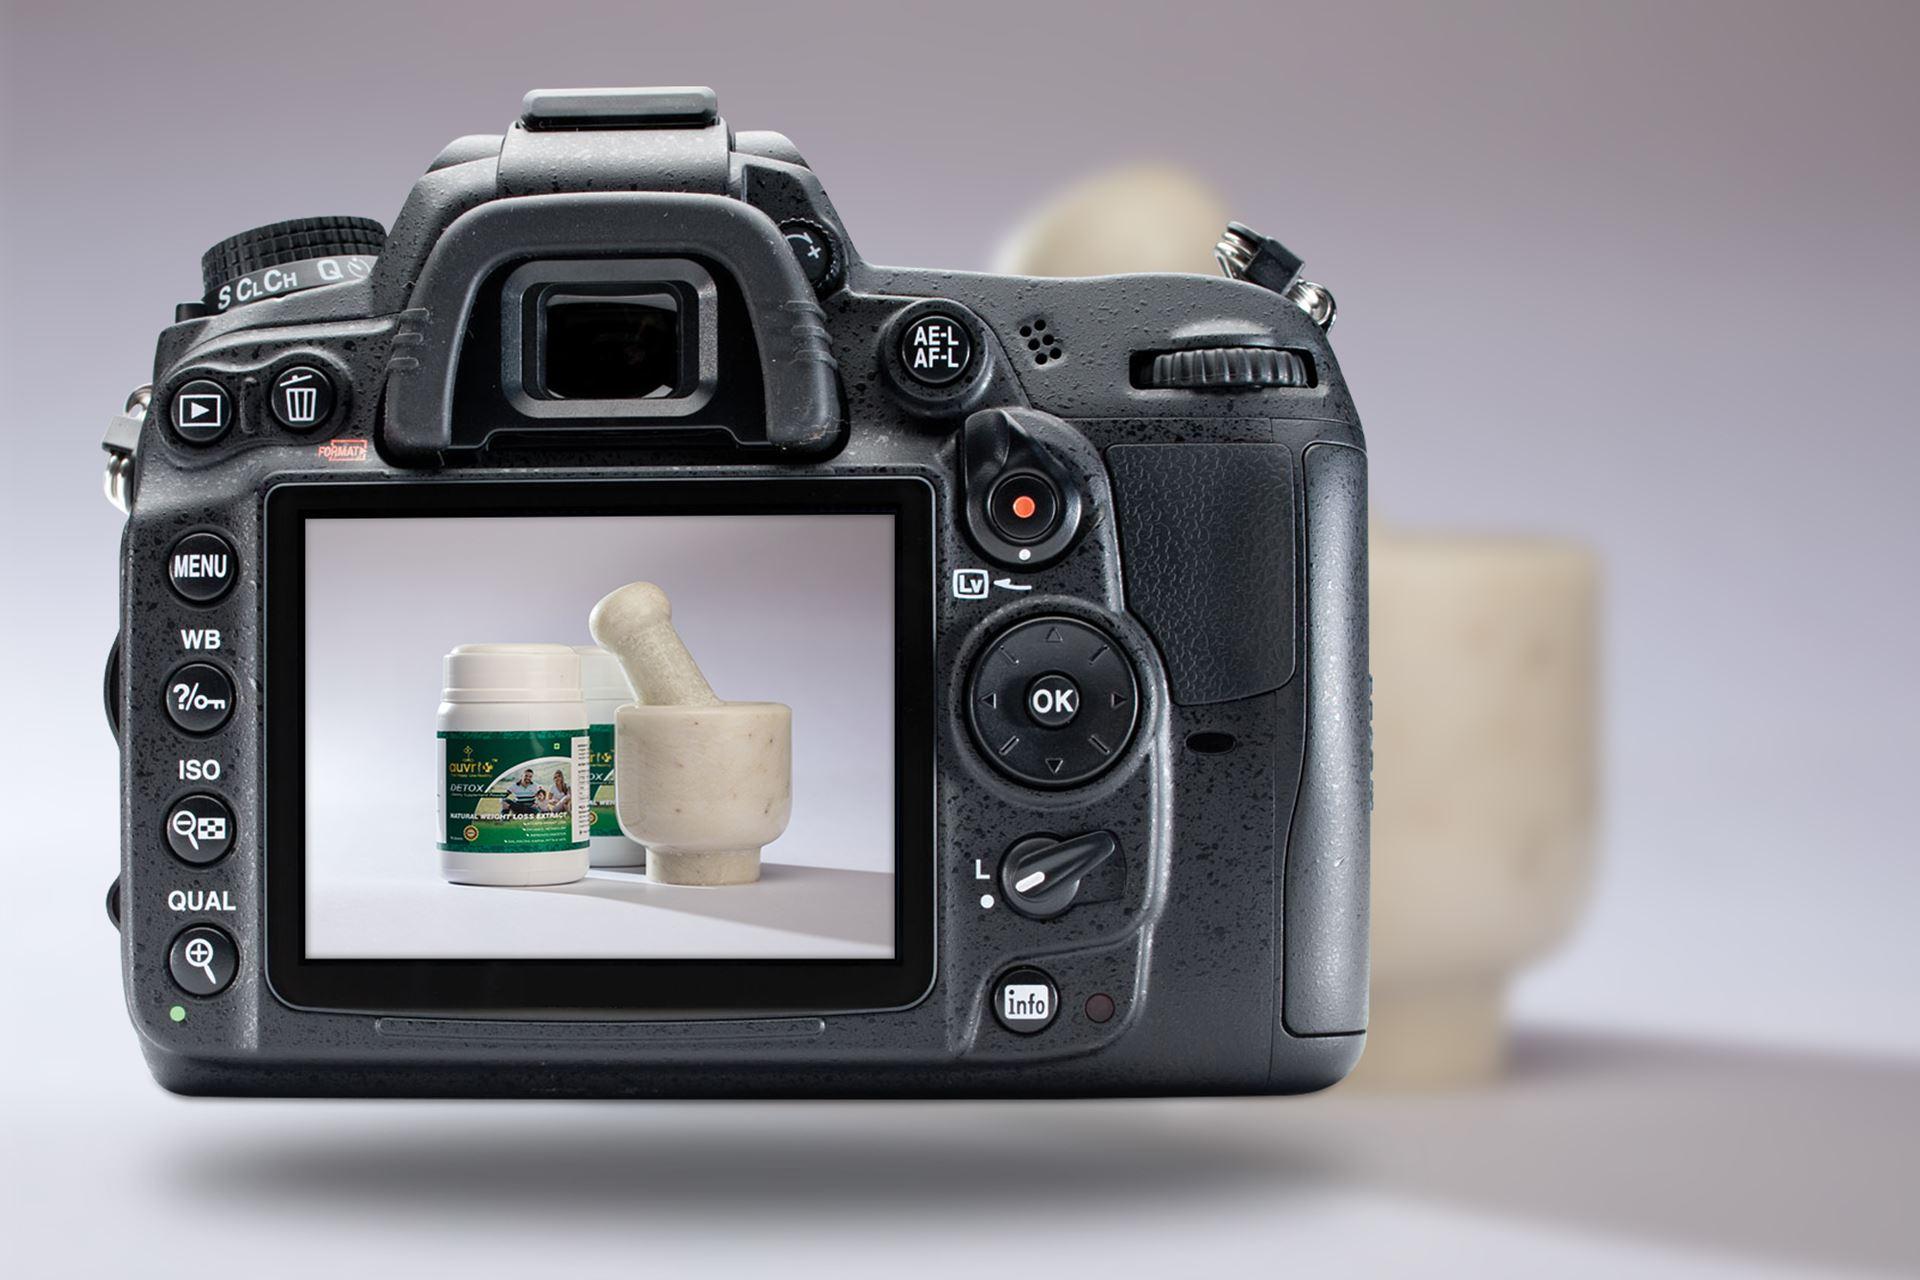 1_Photos_Mockup (Copy)